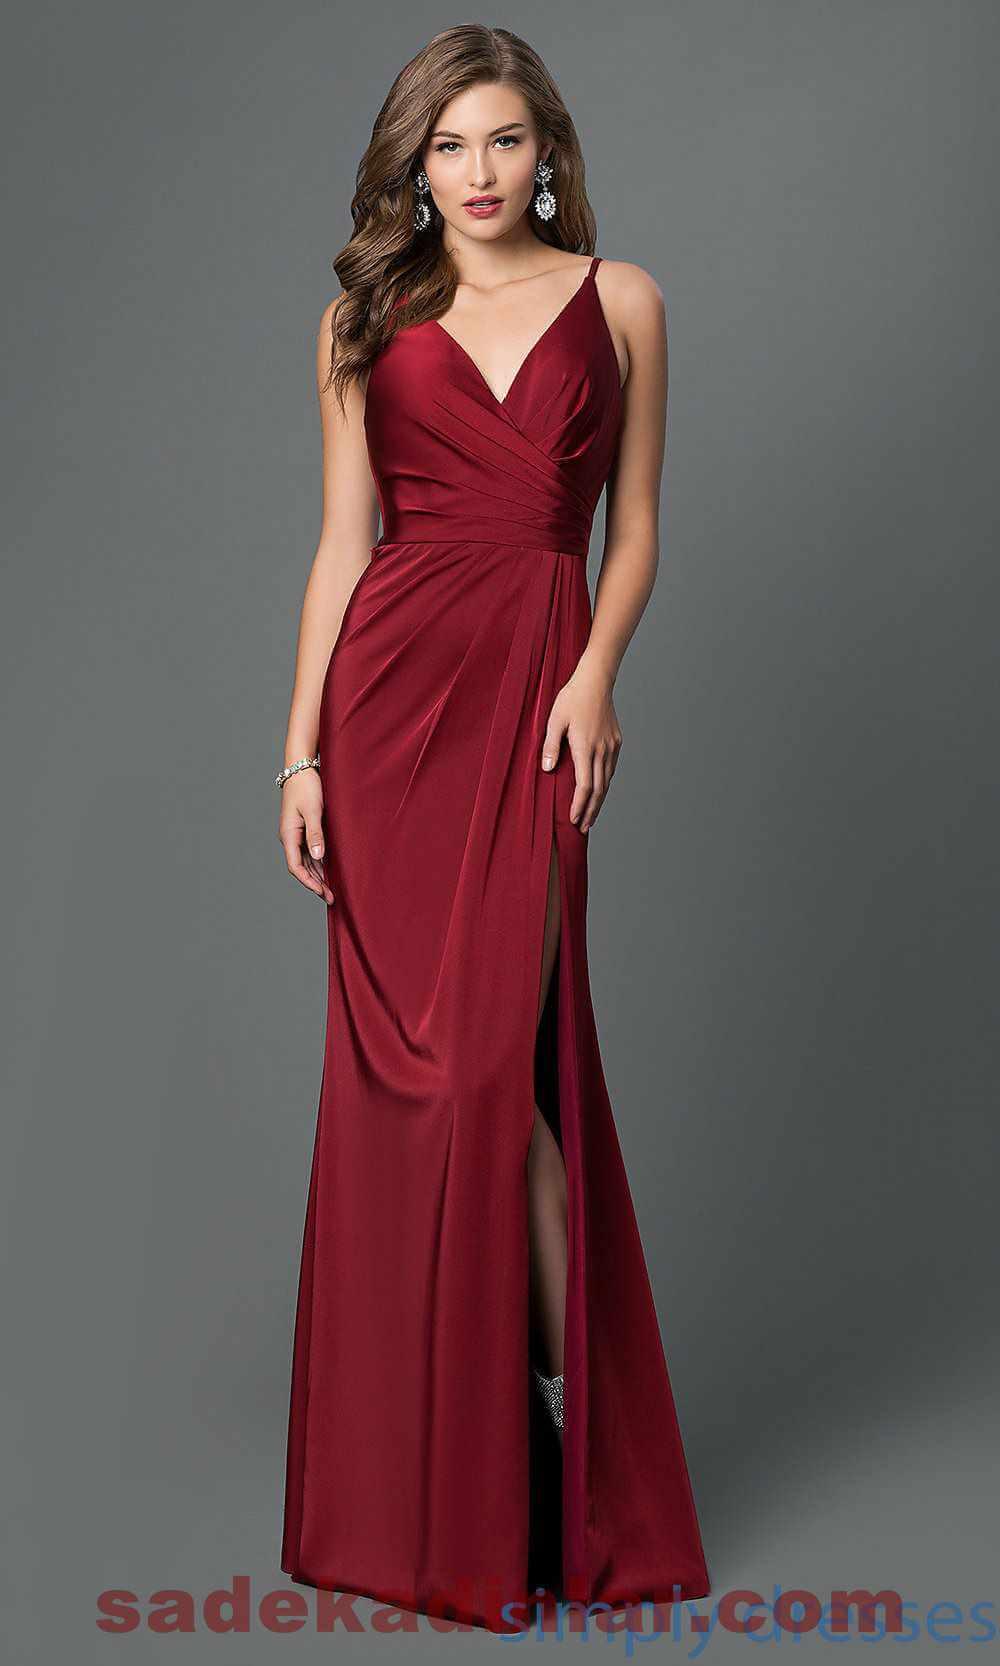 Gece-Elbiseleri-2018-2019-Abiye-Modelleri-Saten-V-Yaka (1)